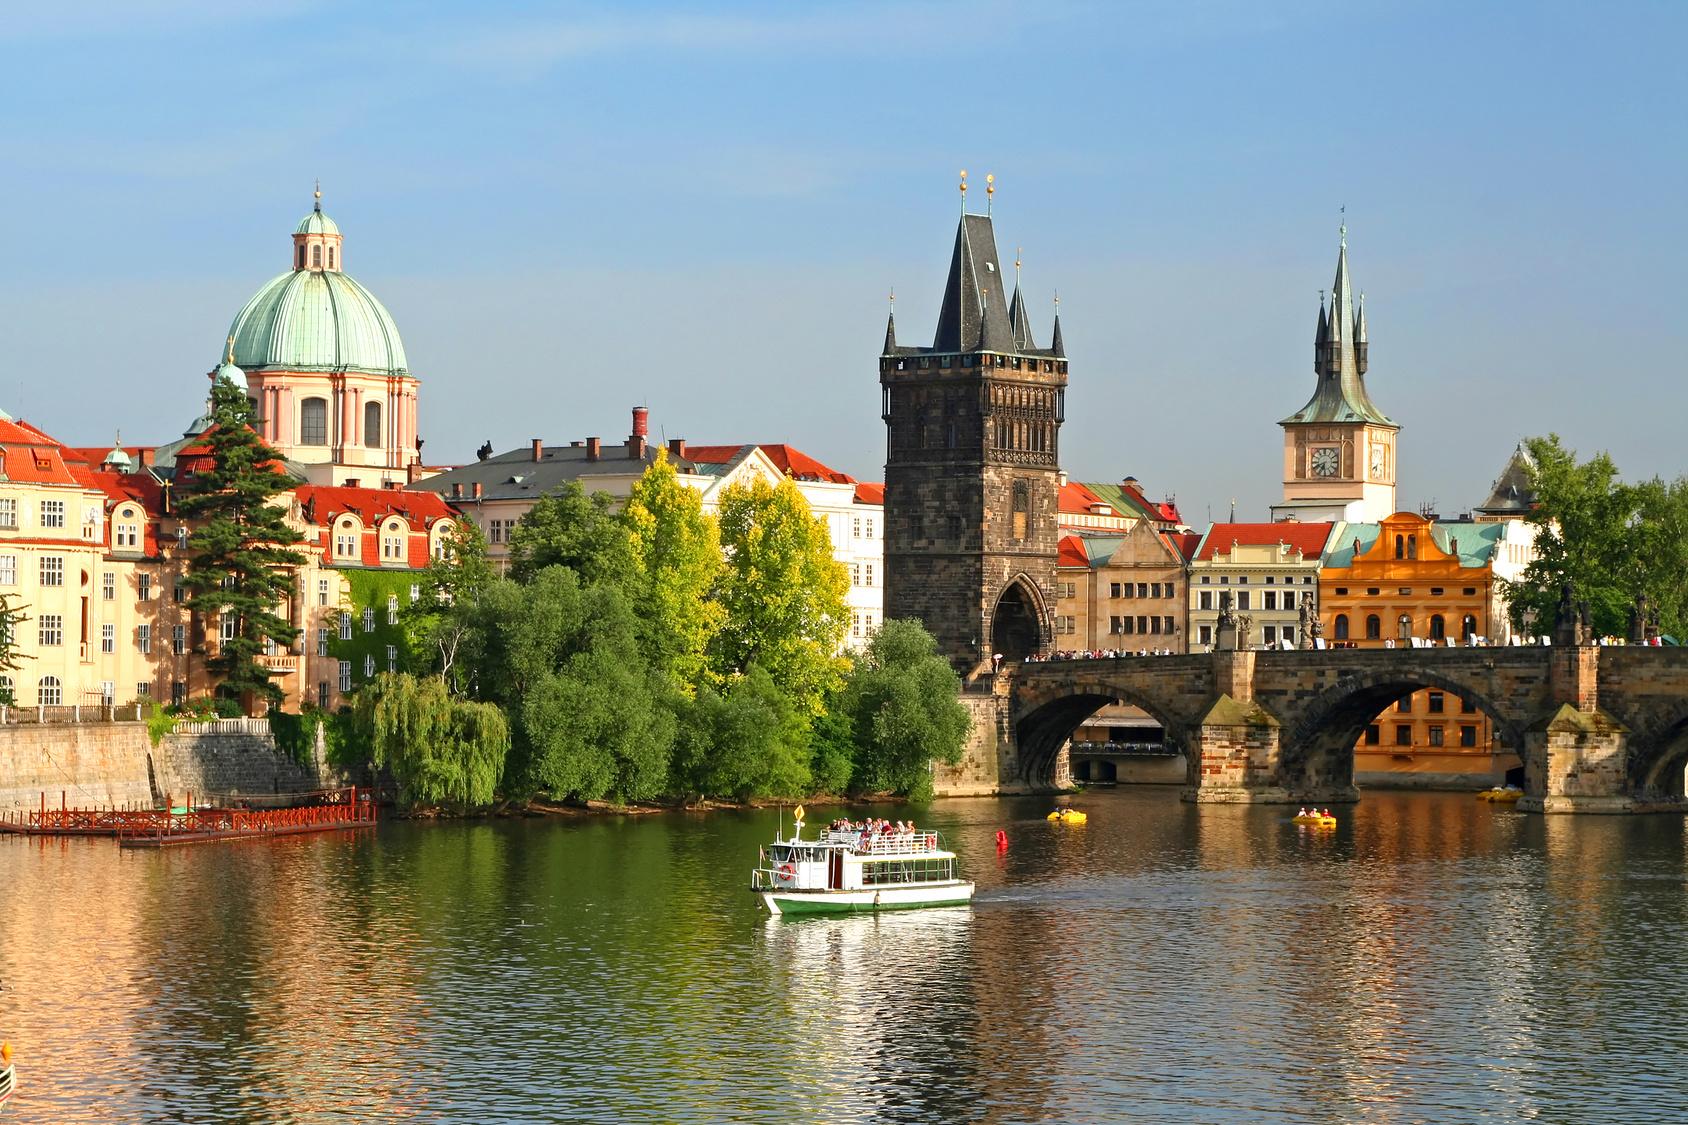 этом тандеме фото исторических мест явление европы красивое имя для